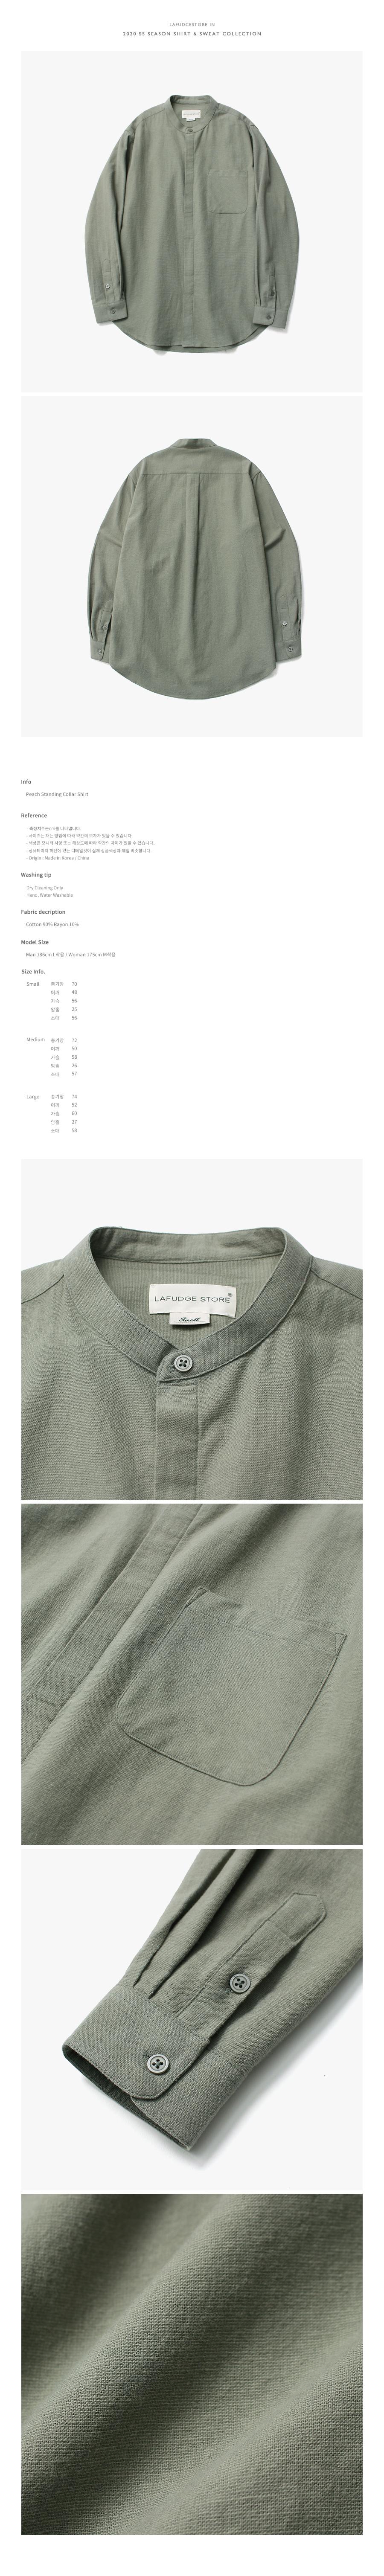 라퍼지스토어(LAFUDGESTORE) 피치 스탠딩 칼라 셔츠_Light Khaki